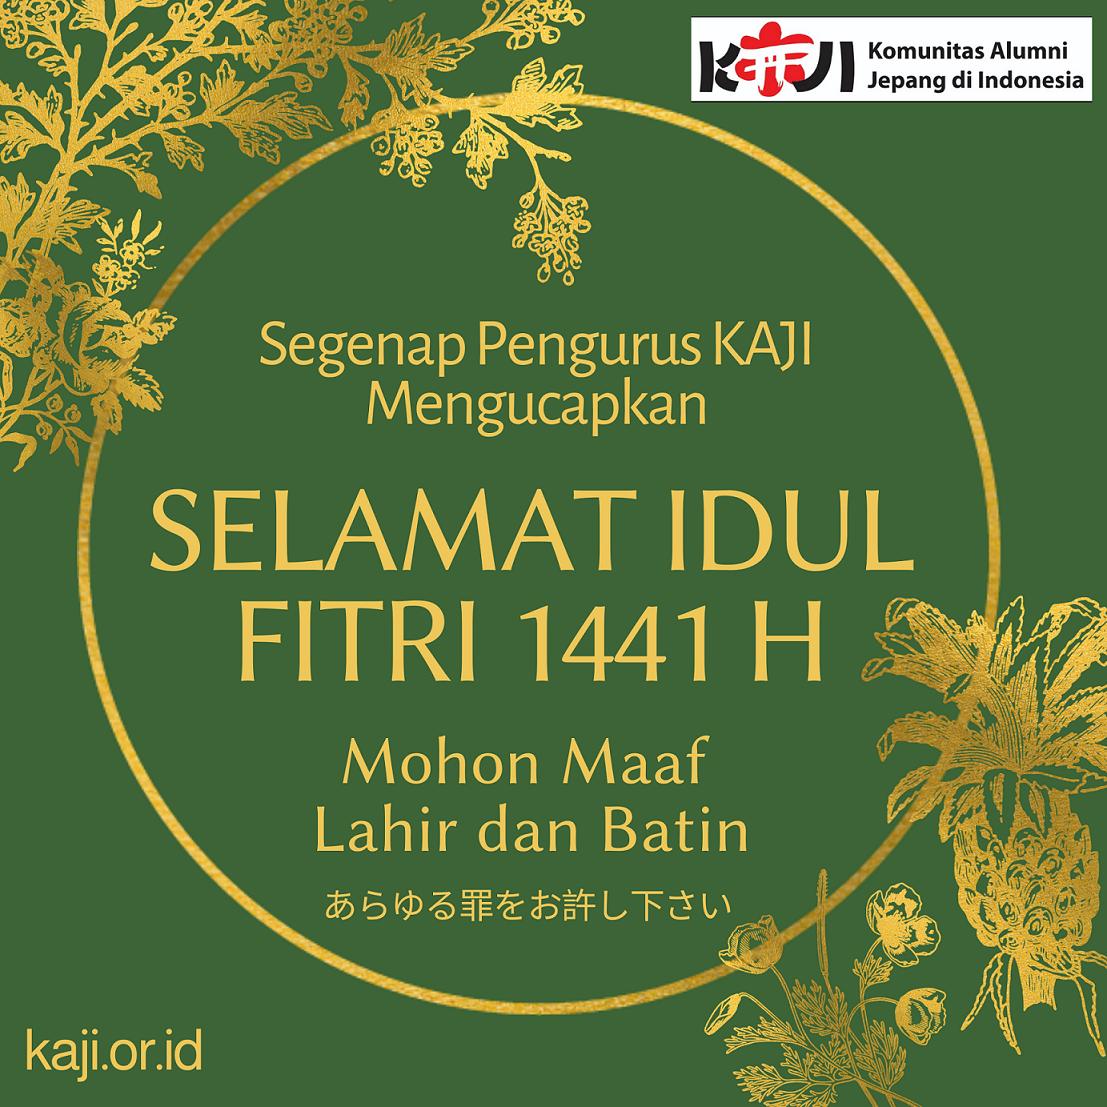 Selamat Hari Raya 1441H